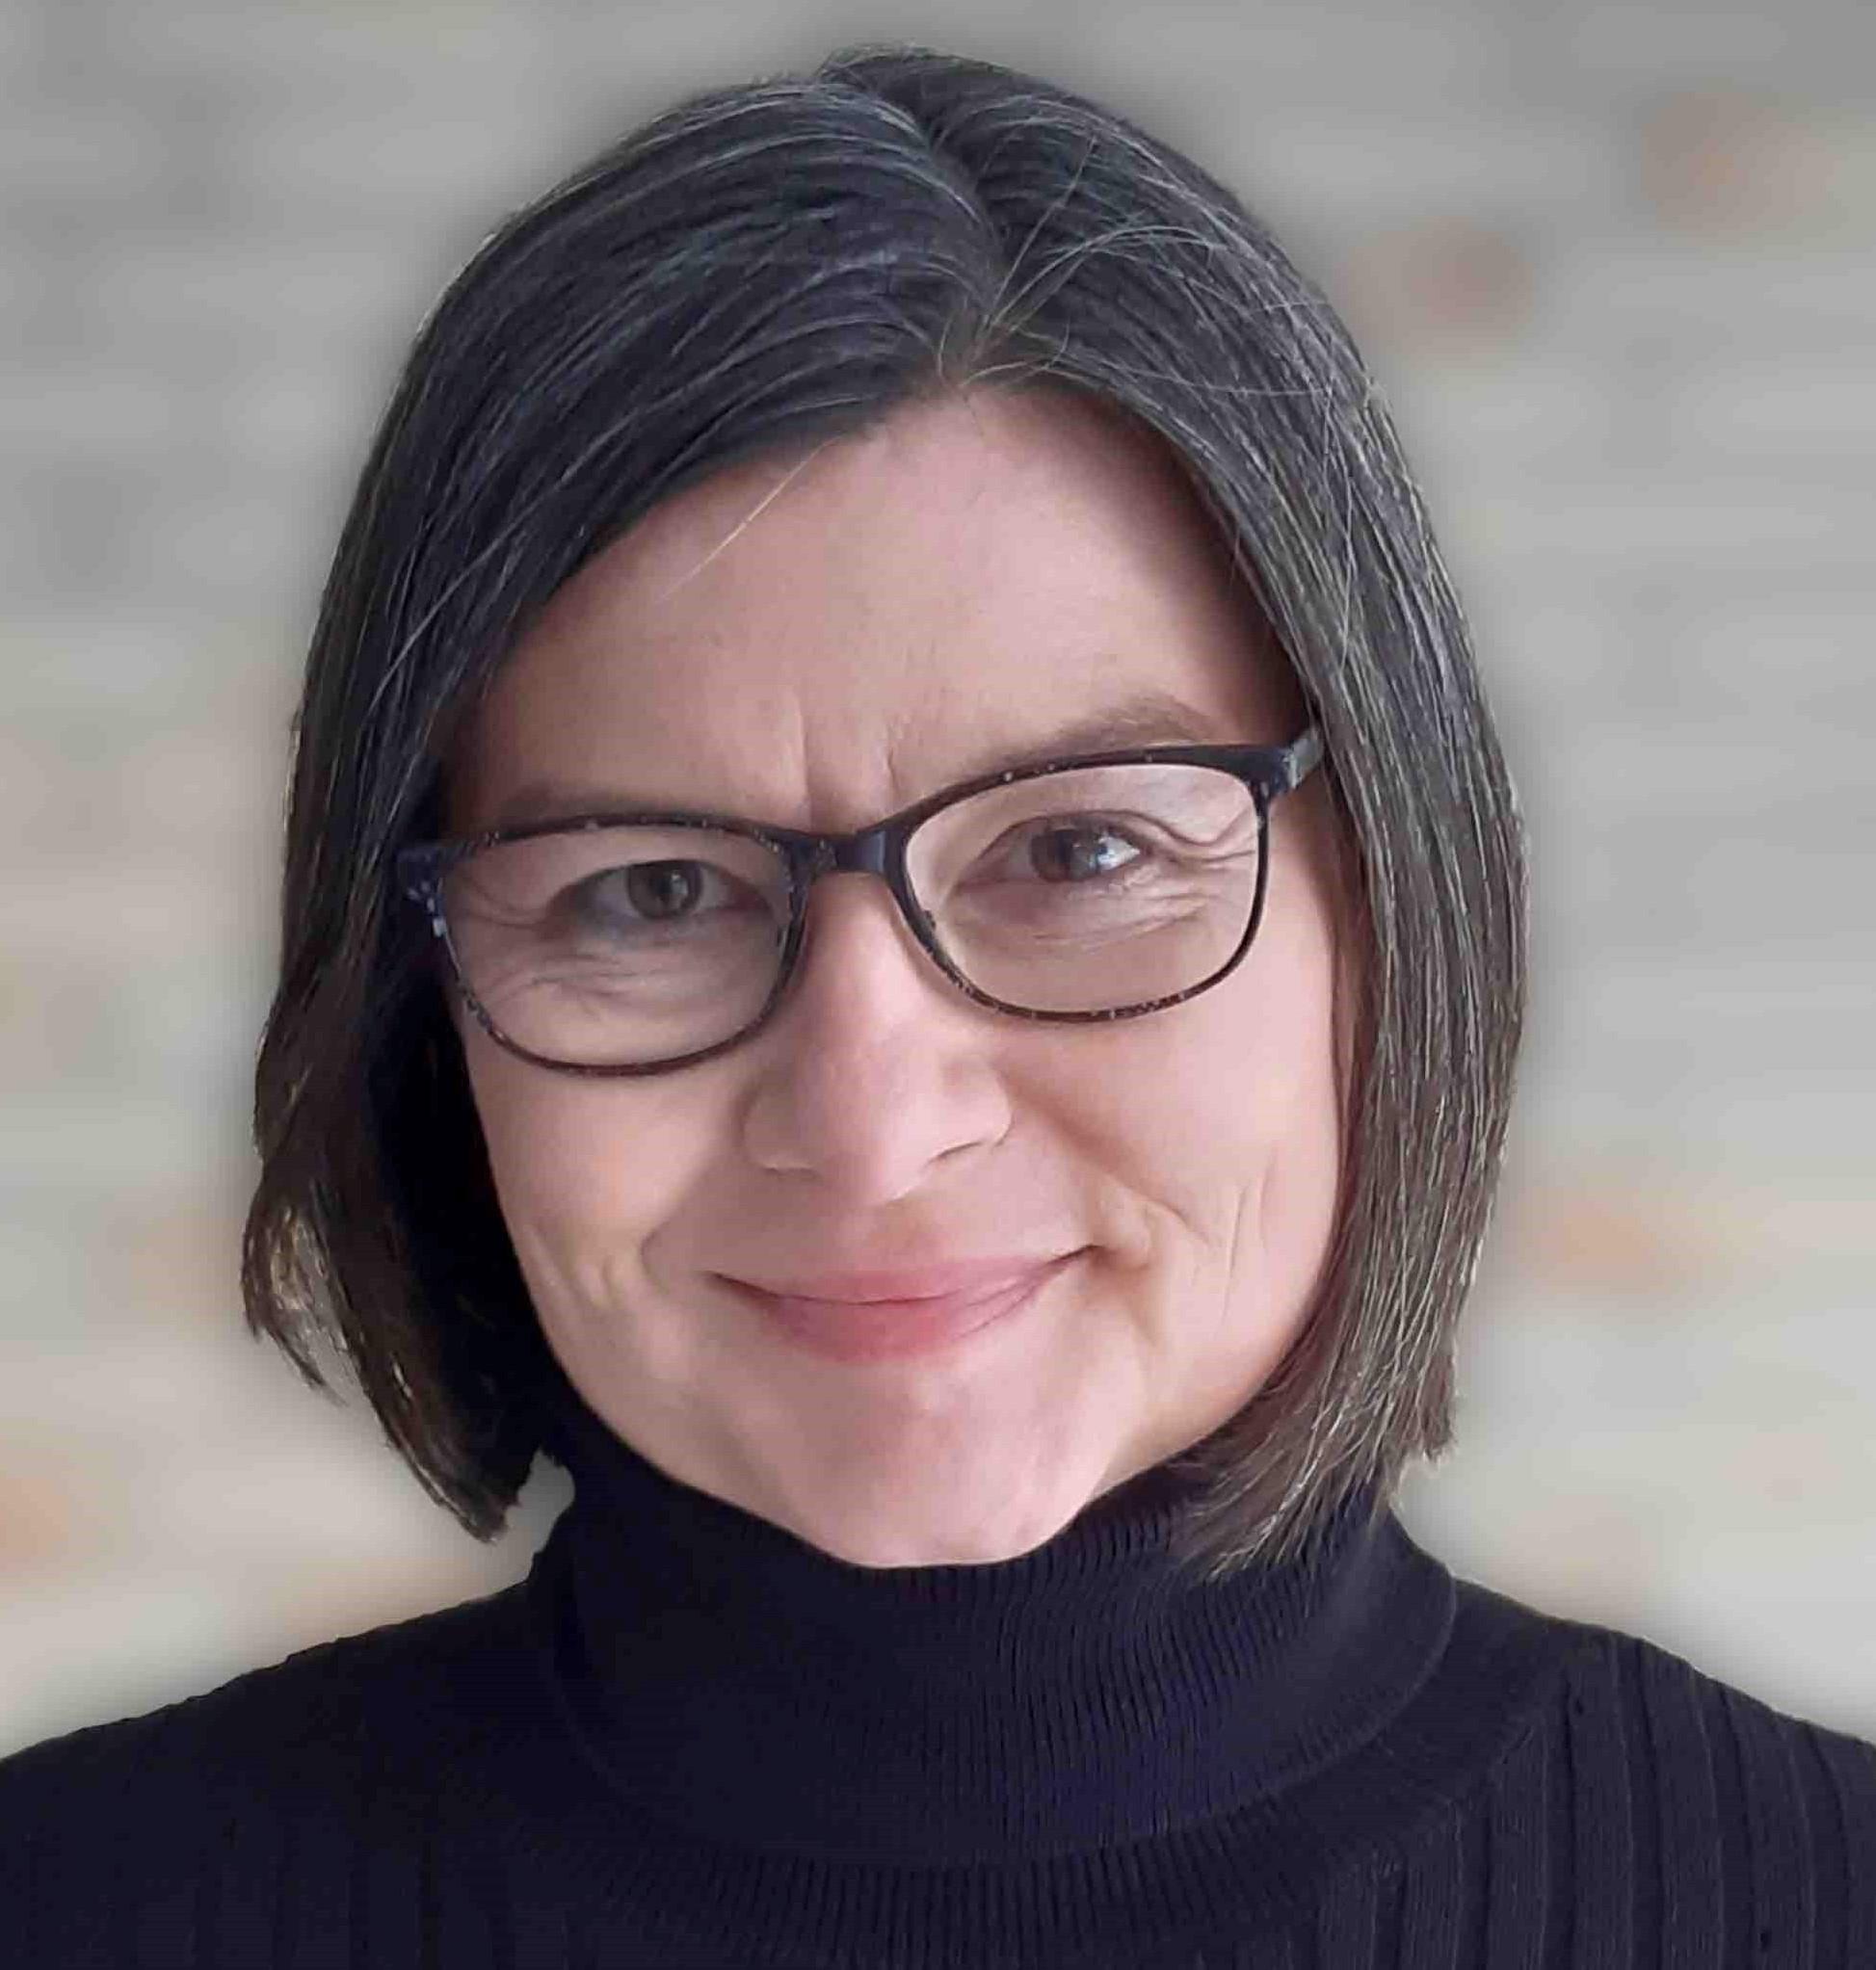 Heike Zinsmeister